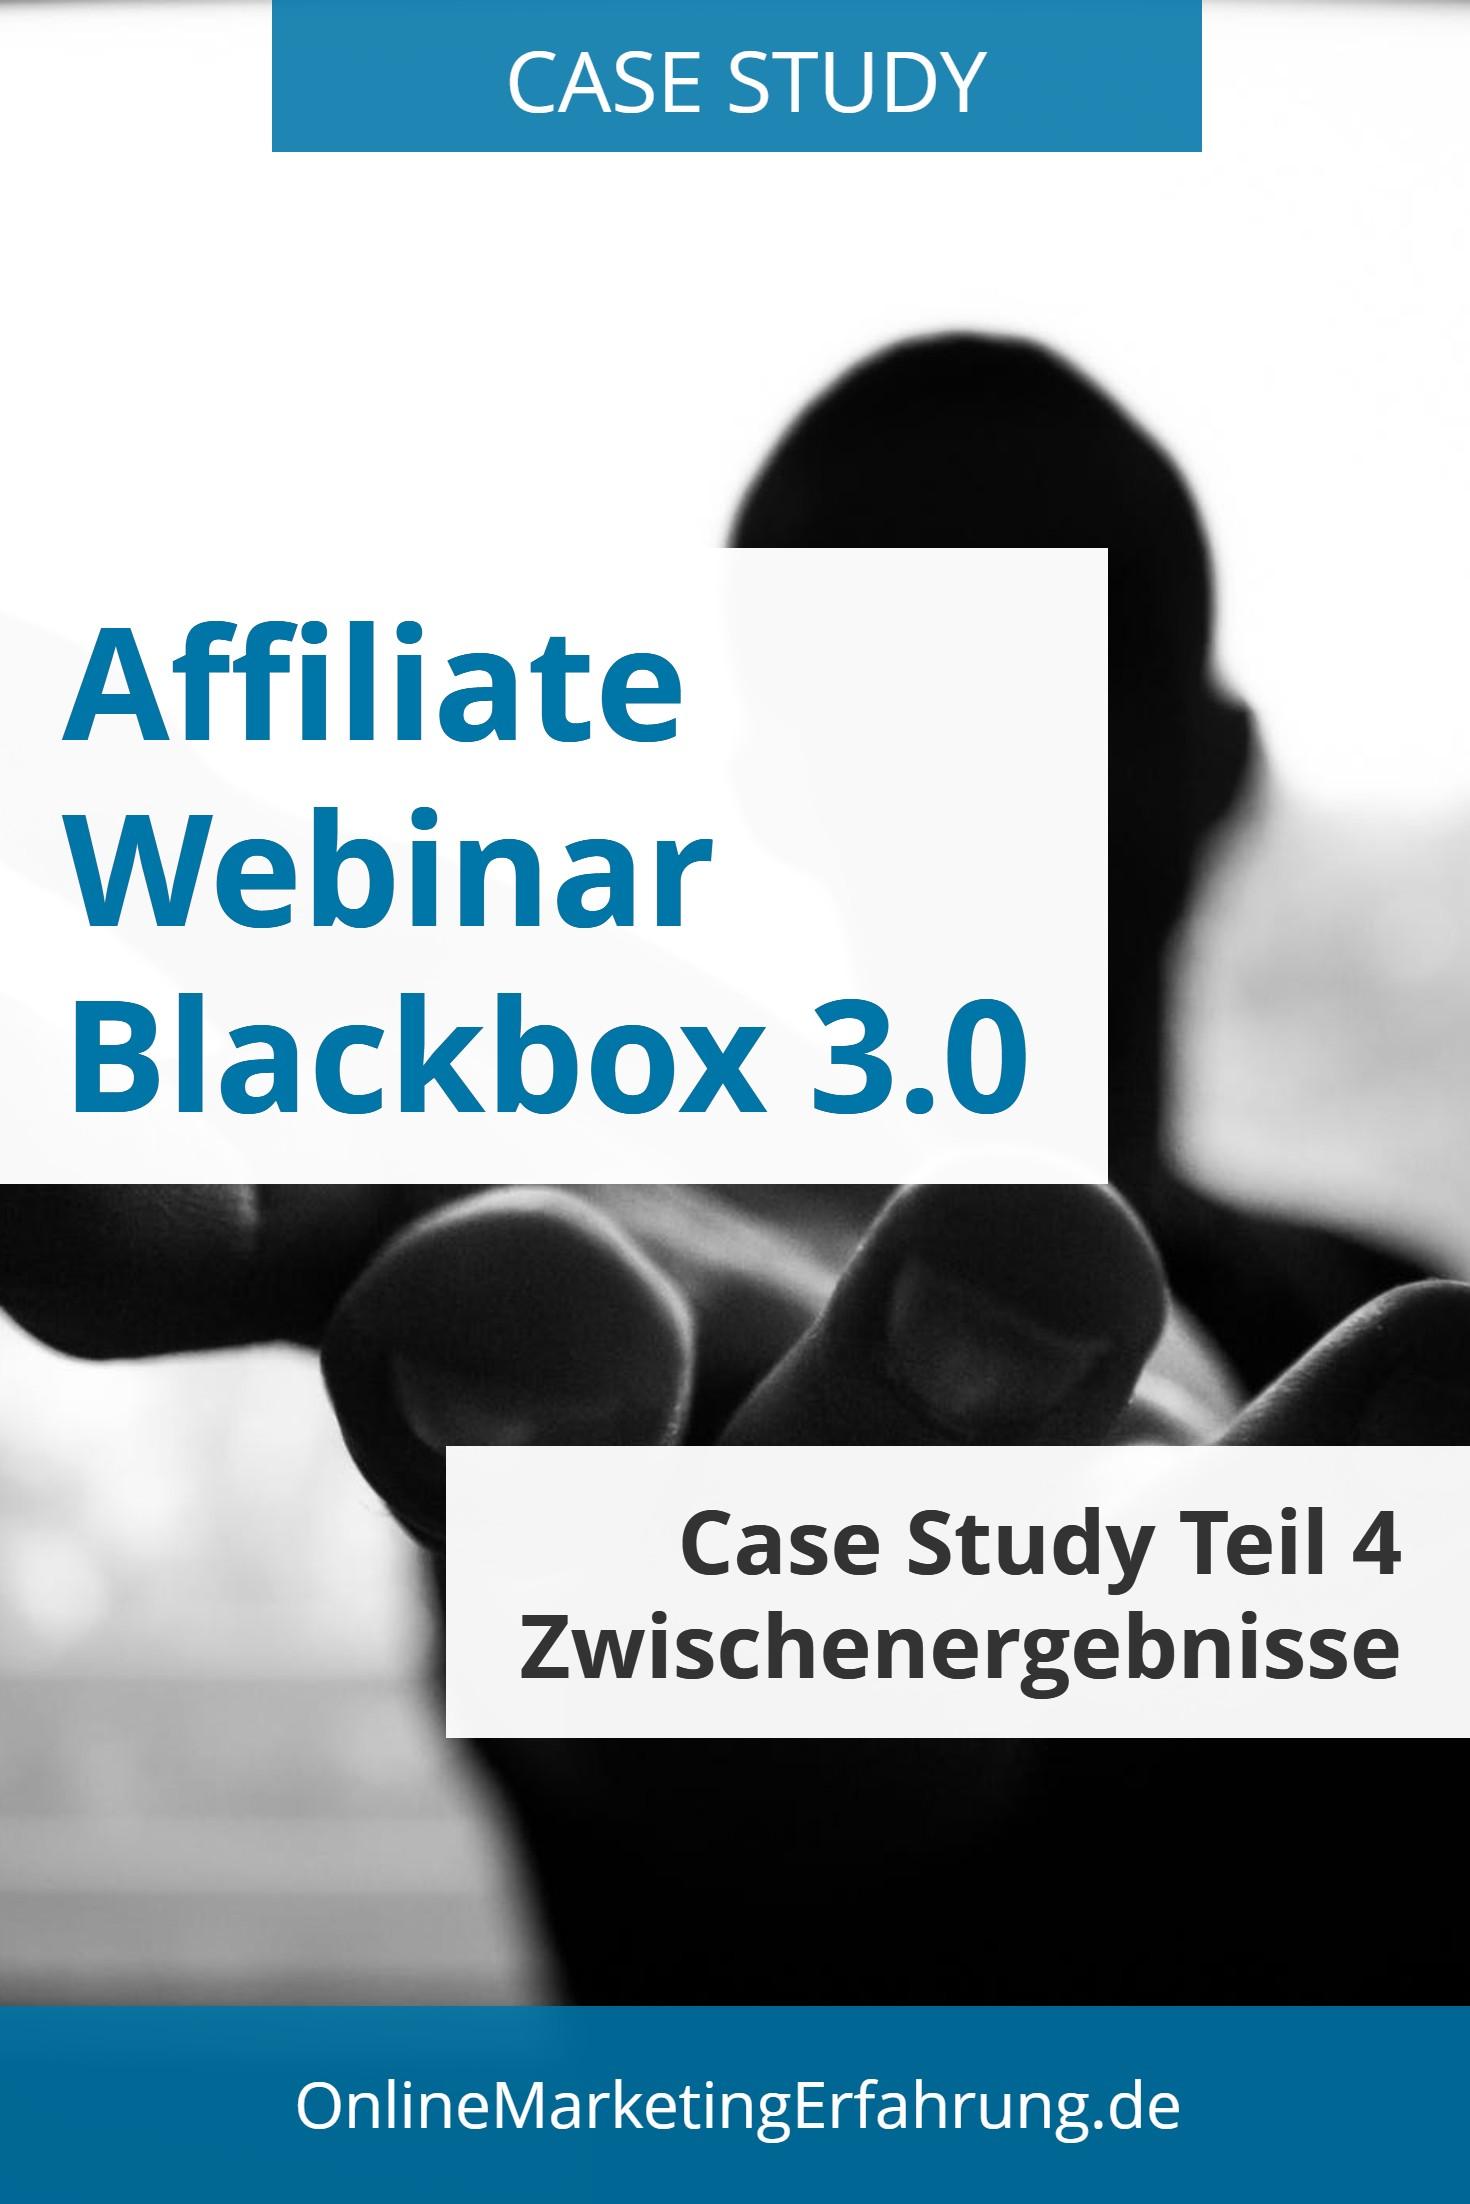 Affiliate Webinar Blackbox Case Study Teil 4